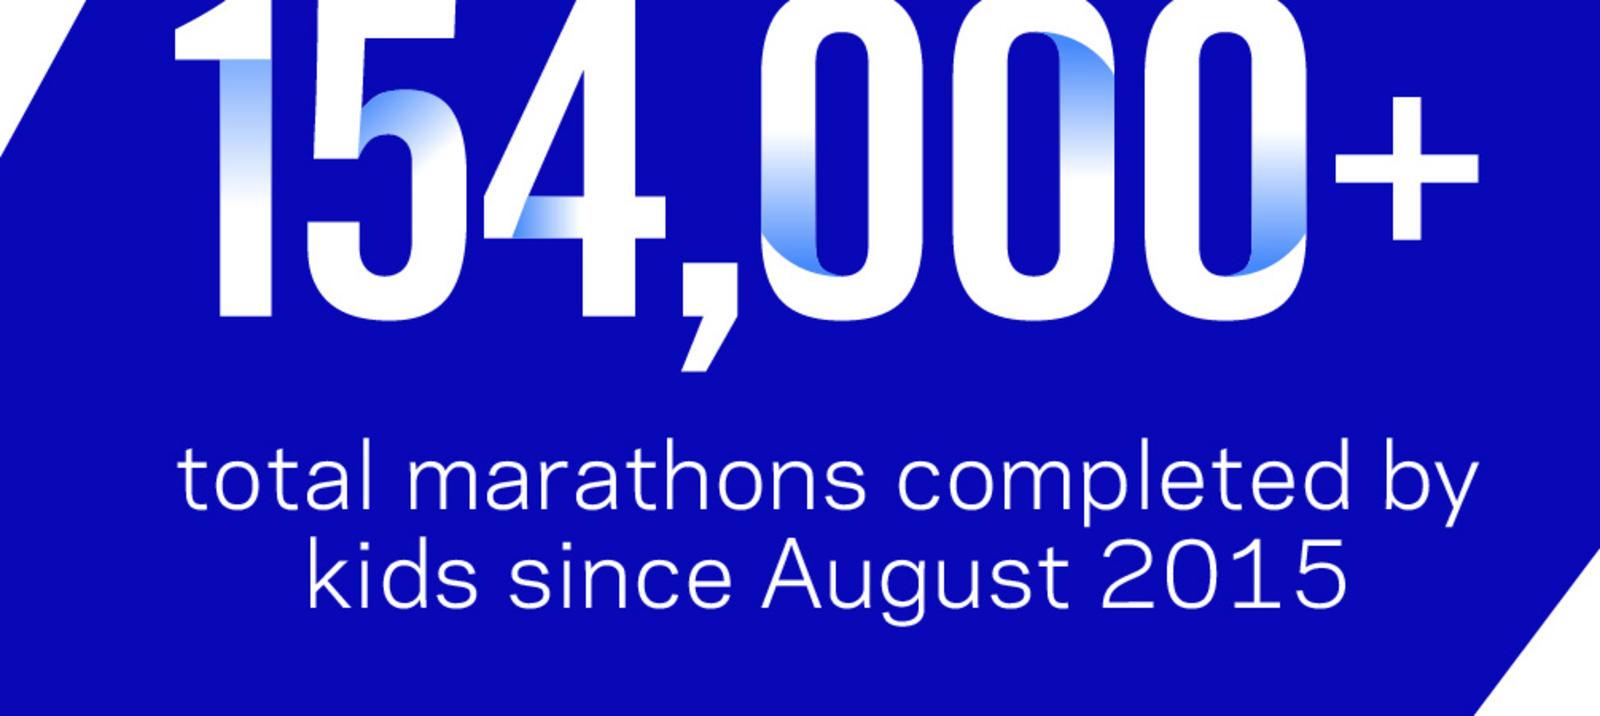 8_154000totalmarathons